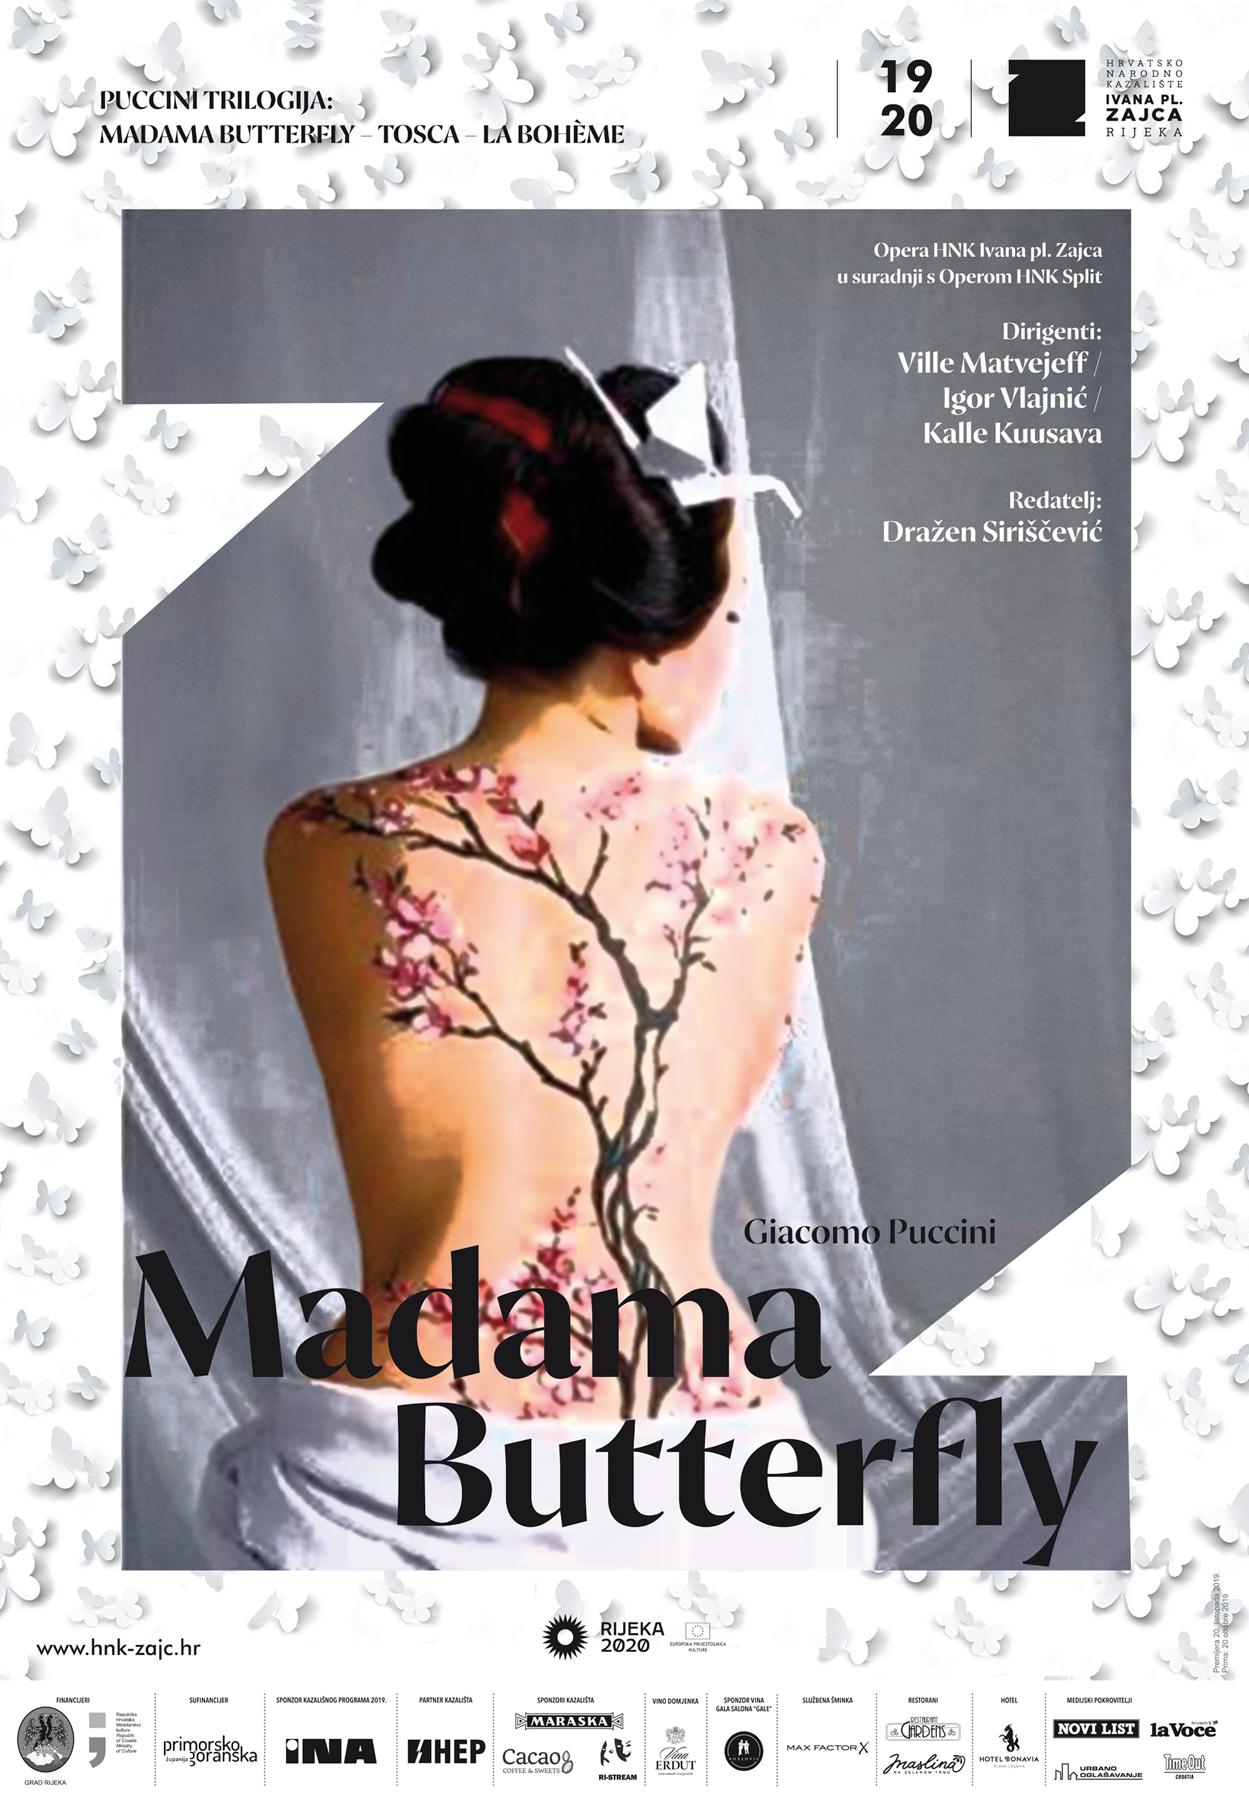 Premijera opere 'Madame Butterfly' u riječkom HNK-u